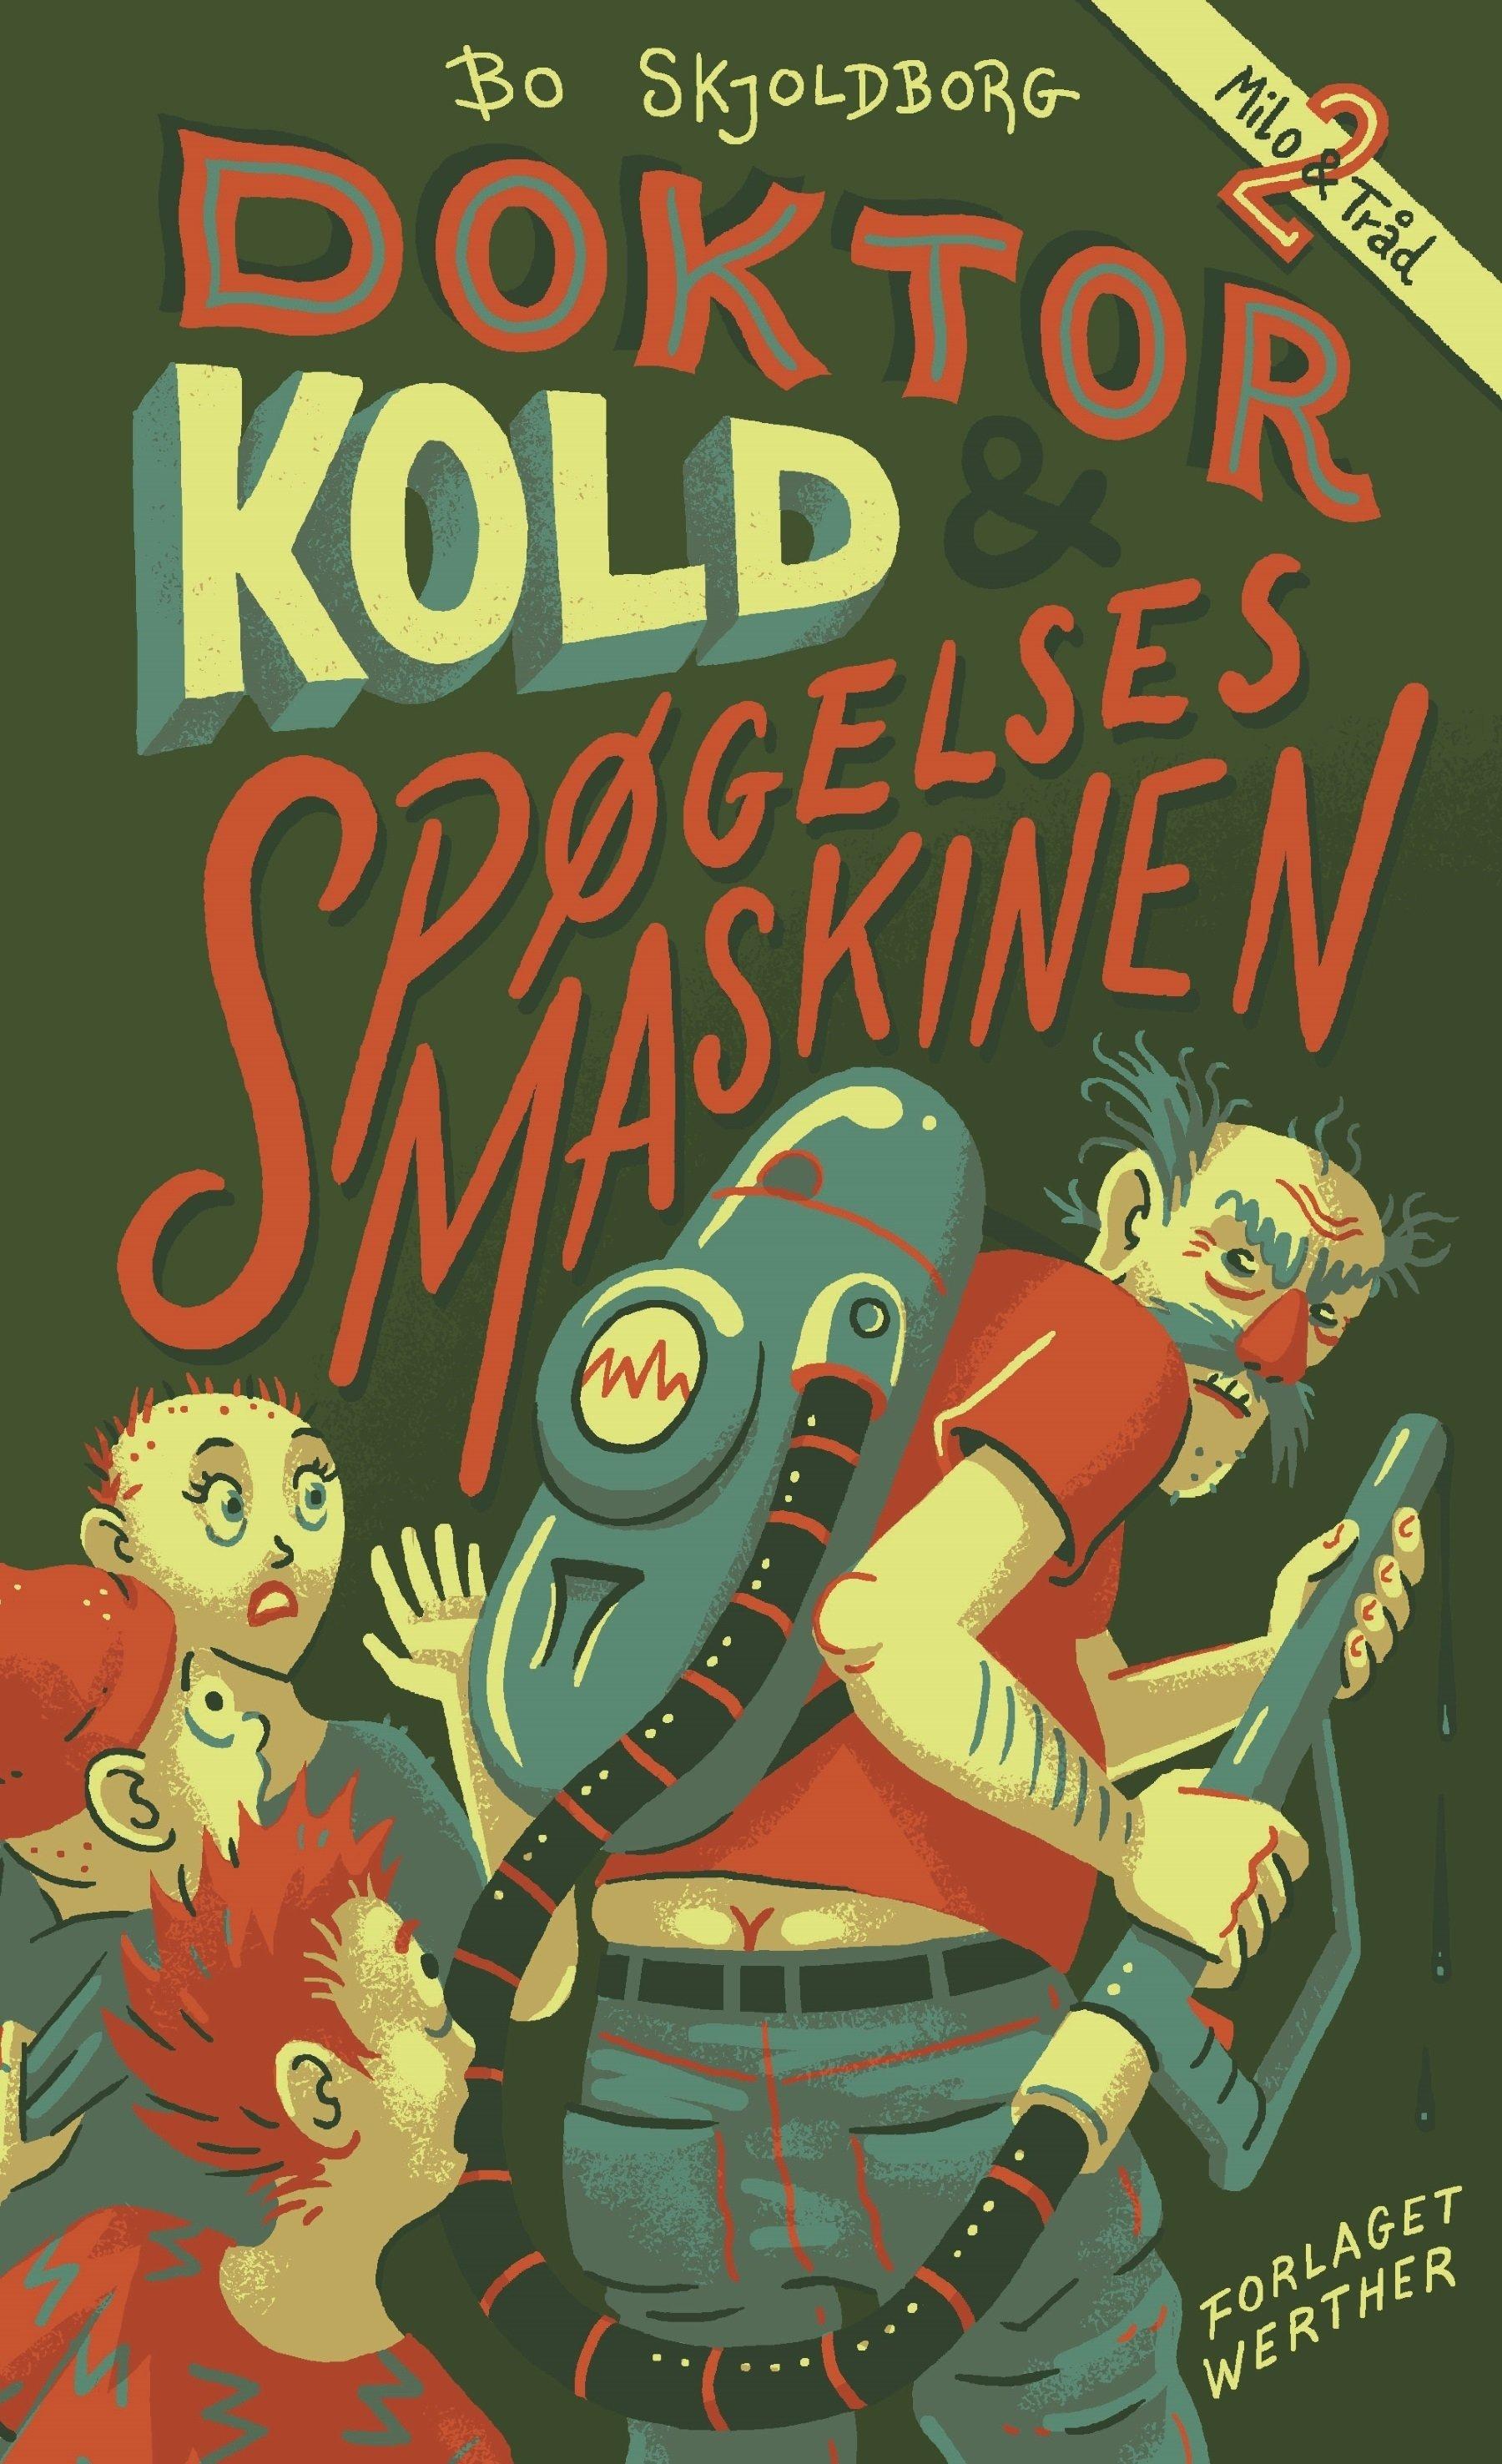 Doktor Kold og spøgelsesmaskinen (hardback) 00001